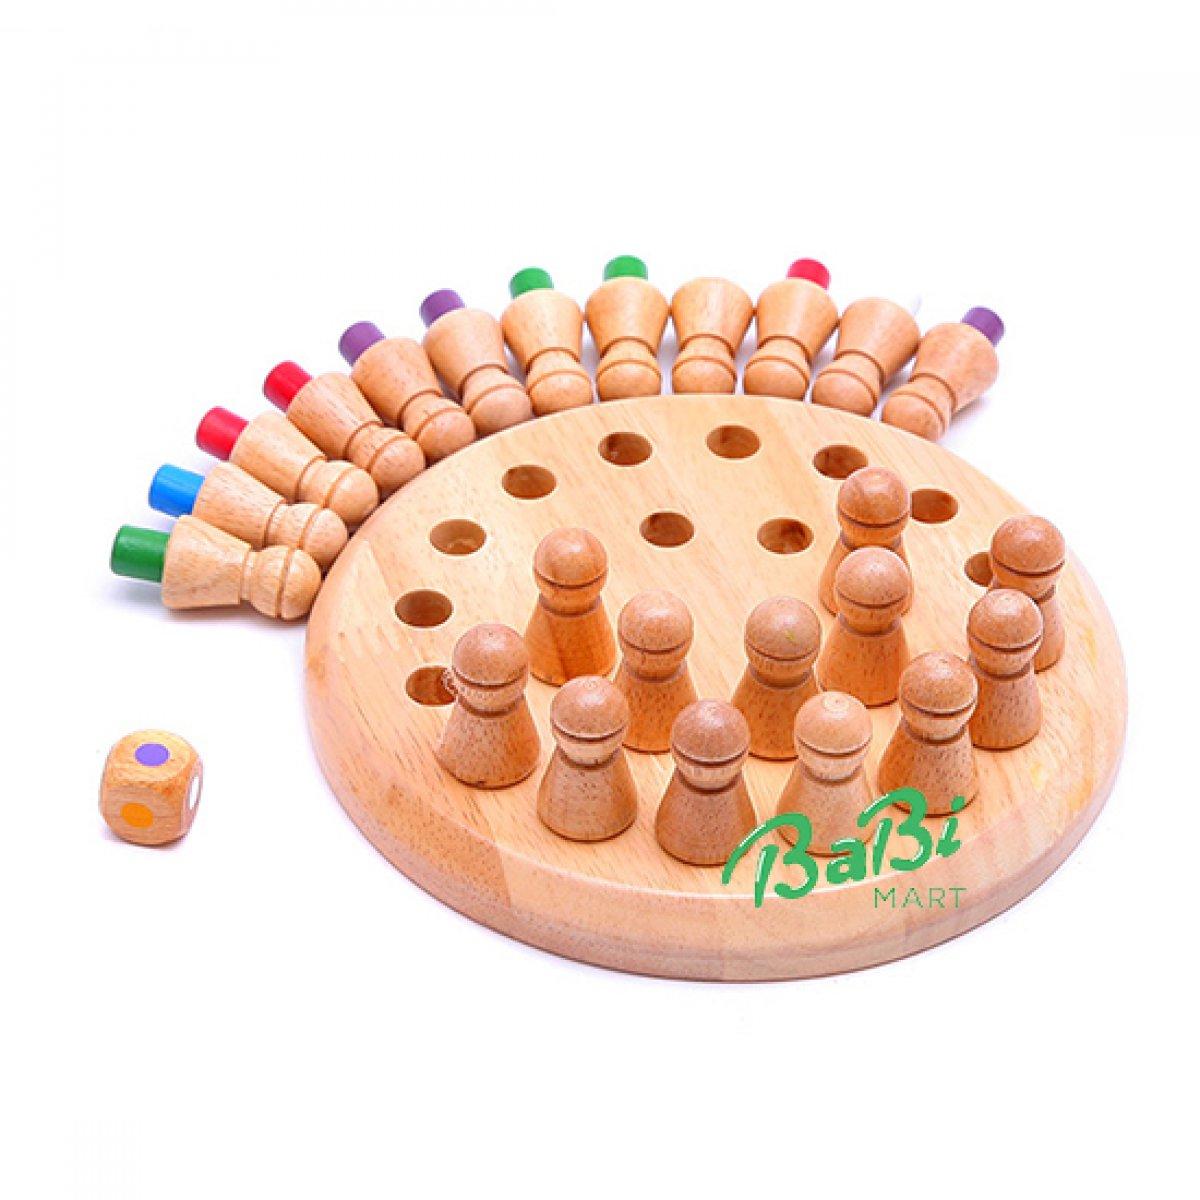 Trò chơi bằng gỗ 1